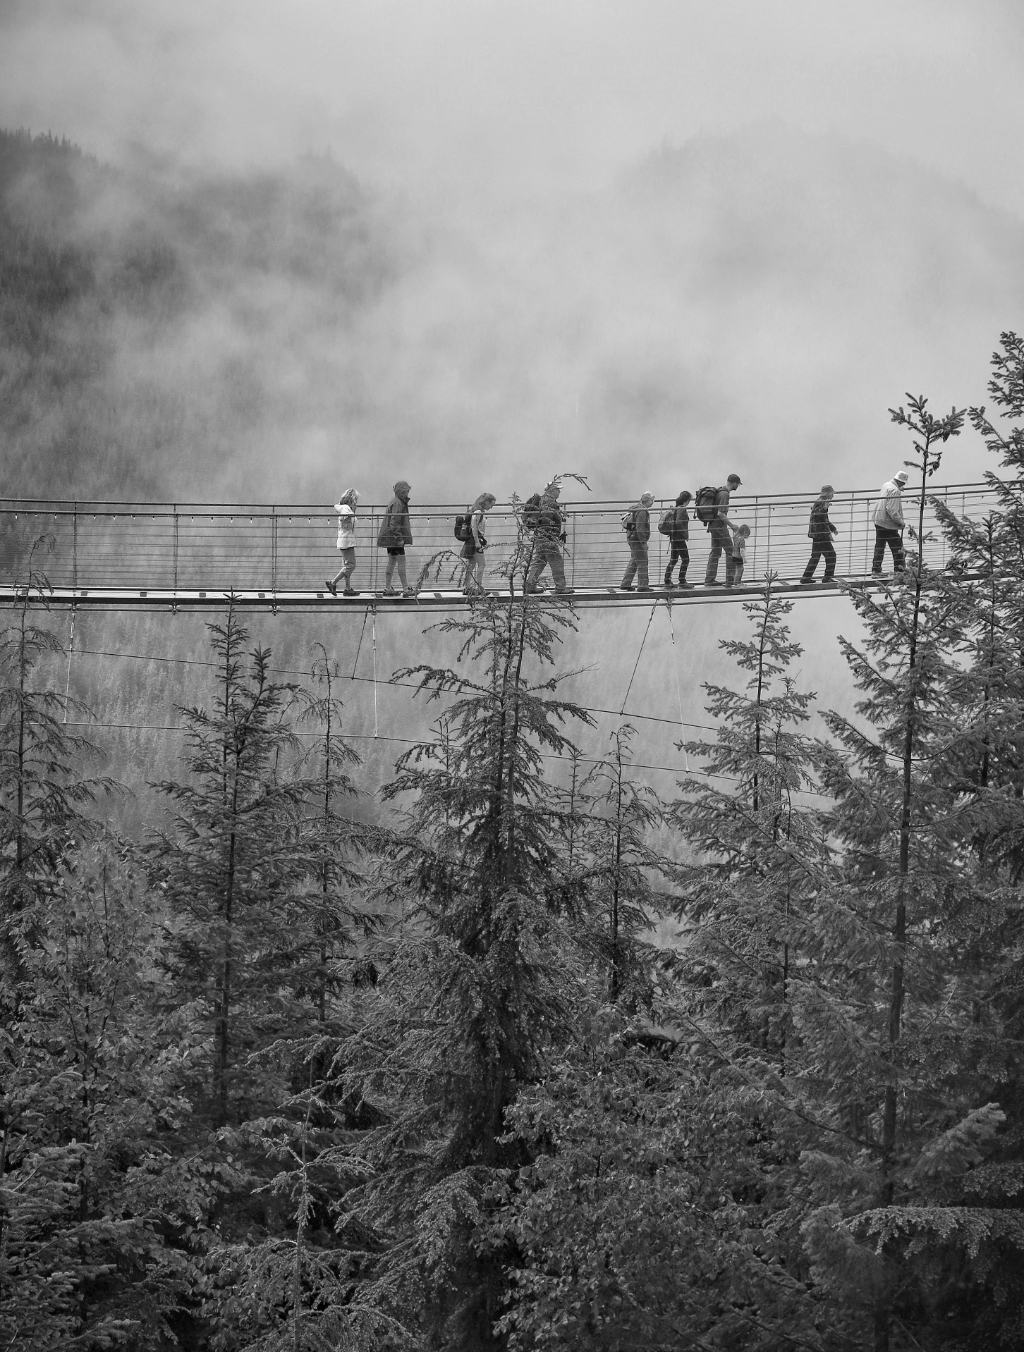 Vertraut euch: Eine Gruppe Wanderer läuft überquert eine Schlucht über eine Hängebrücke. Symbolbild. Täglich begeben wir uns in die Hand anderer. Ein Risiko, das sich lohnt. Denn wer anderen vertraut, dem wird auch Vertrauen geschenkt. In: Prinzip Apfelbaum. Magazin über das, was bleibt. Foto: Andrew Seo/Unsplash